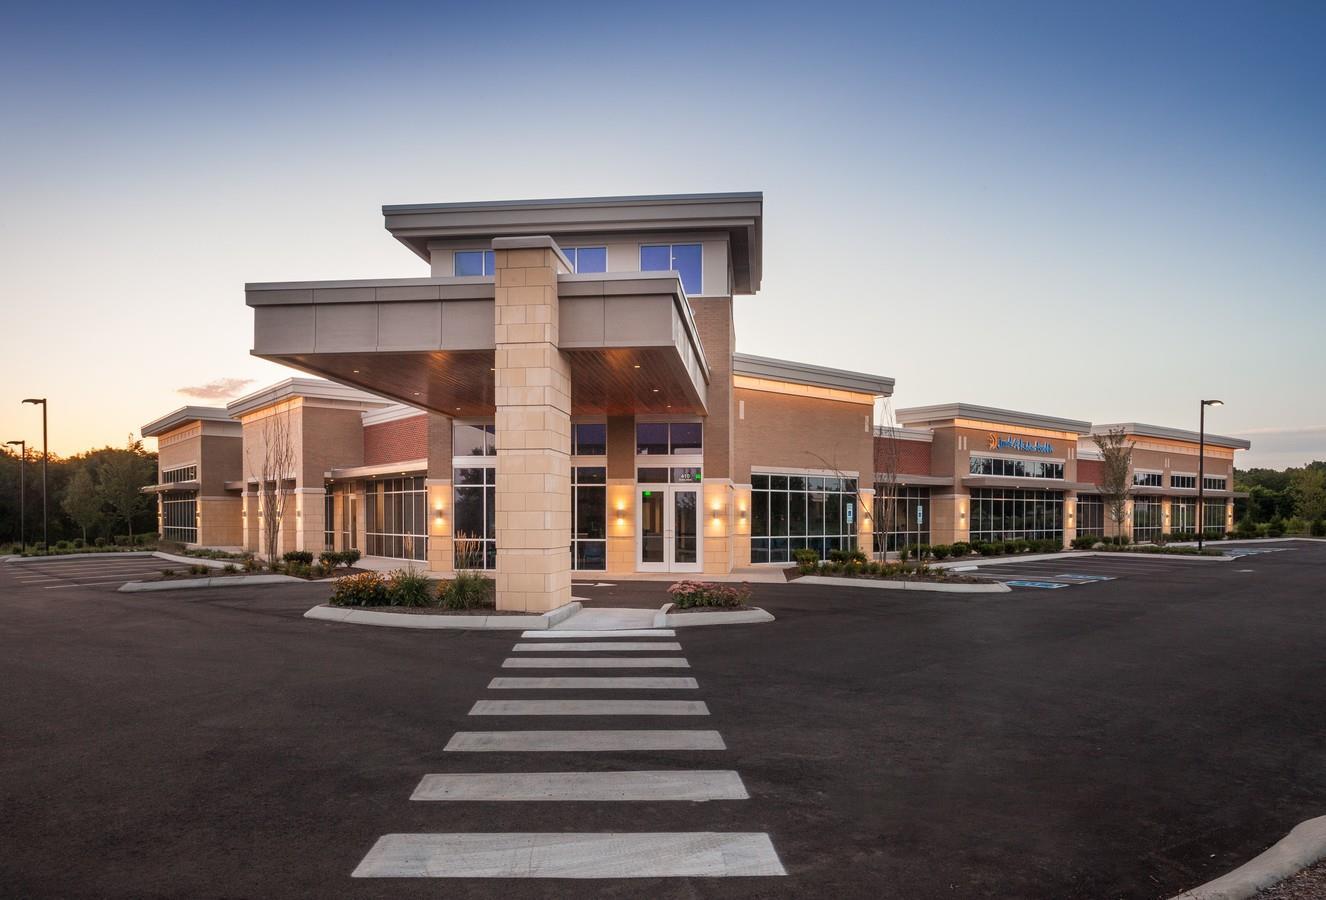 410 Parrish Hl, Hendersonville, TN 37075 - Hendersonville, TN real estate listing